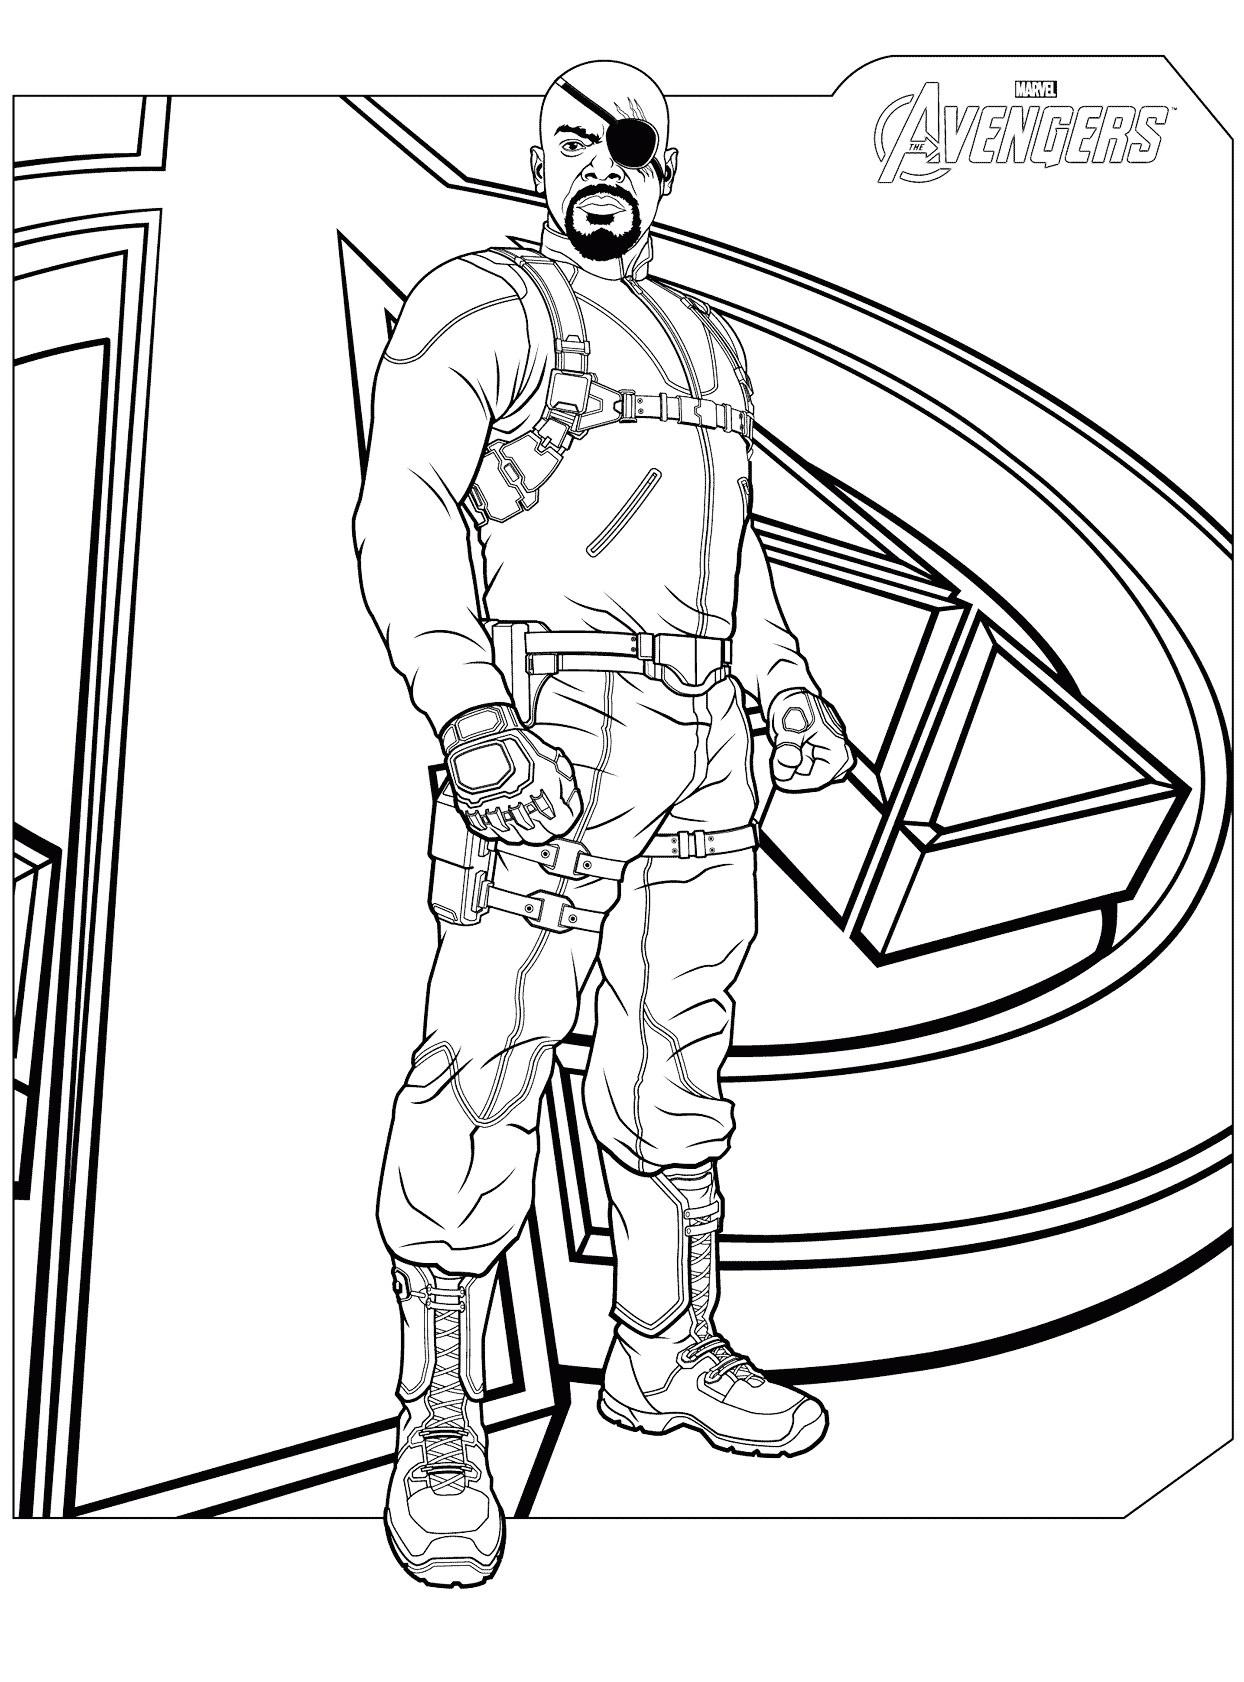 Dibujos De Impresionante Nick Fury Para Colorear Pintar E